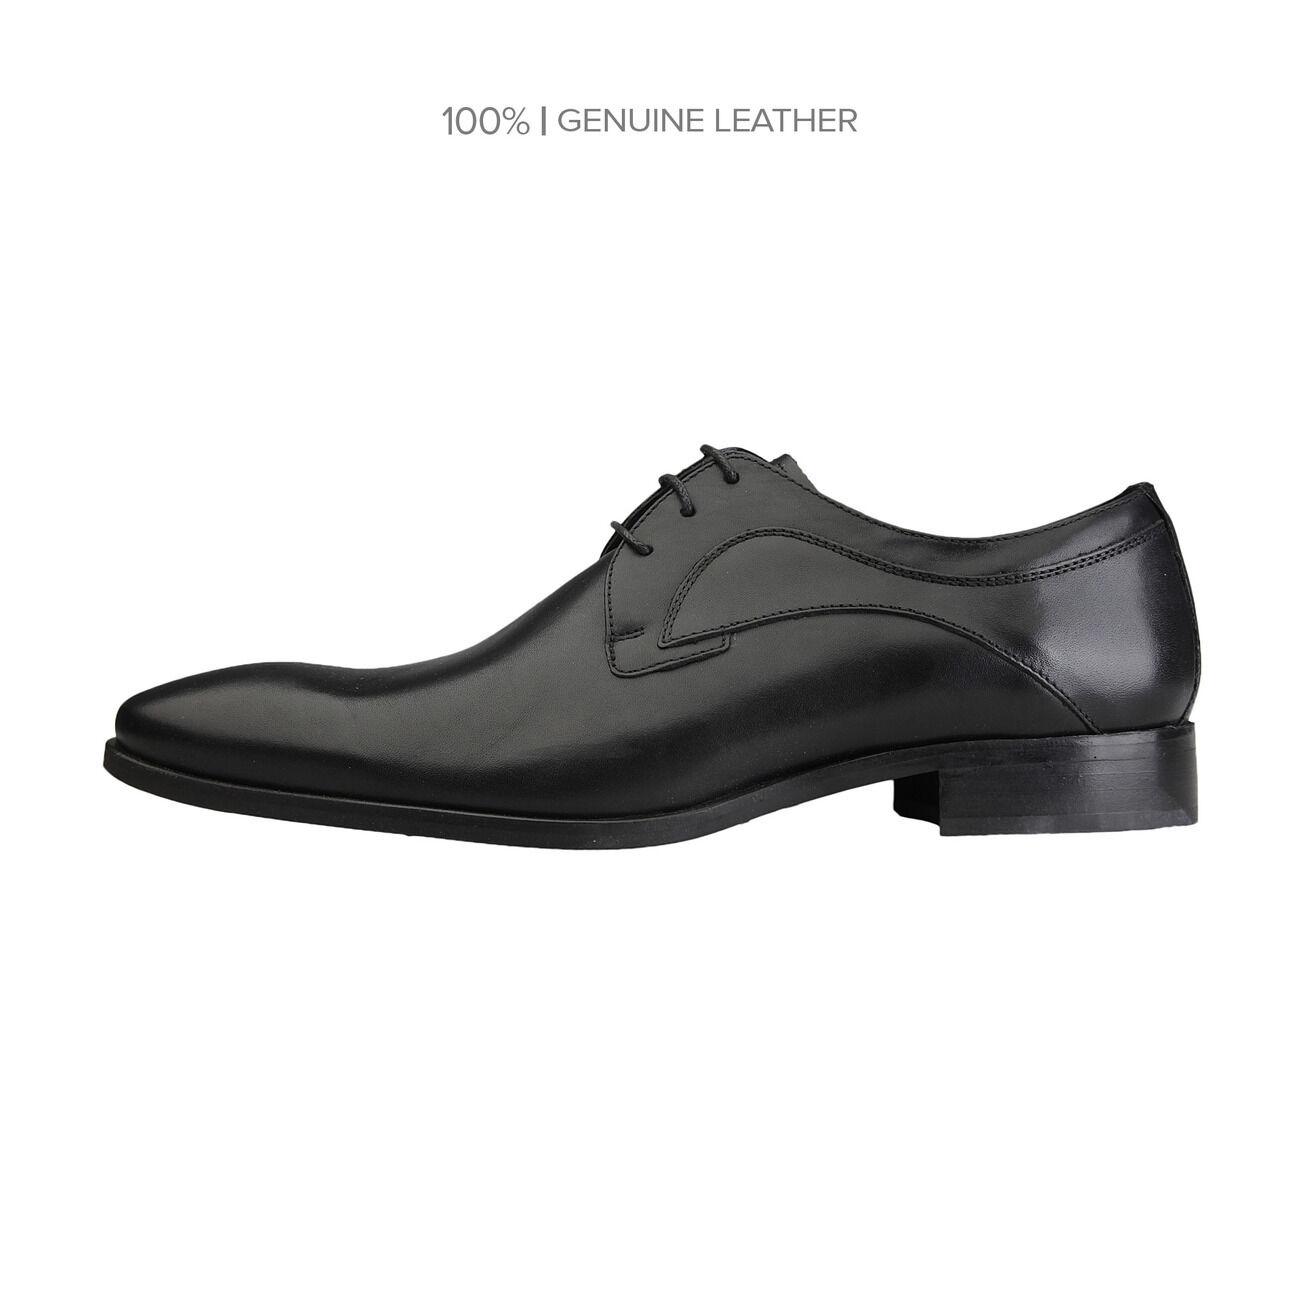 Rochas esclusivo scarpe uomo business, con lacci, schwarz, TGL 40-43 Scarpe classiche da uomo